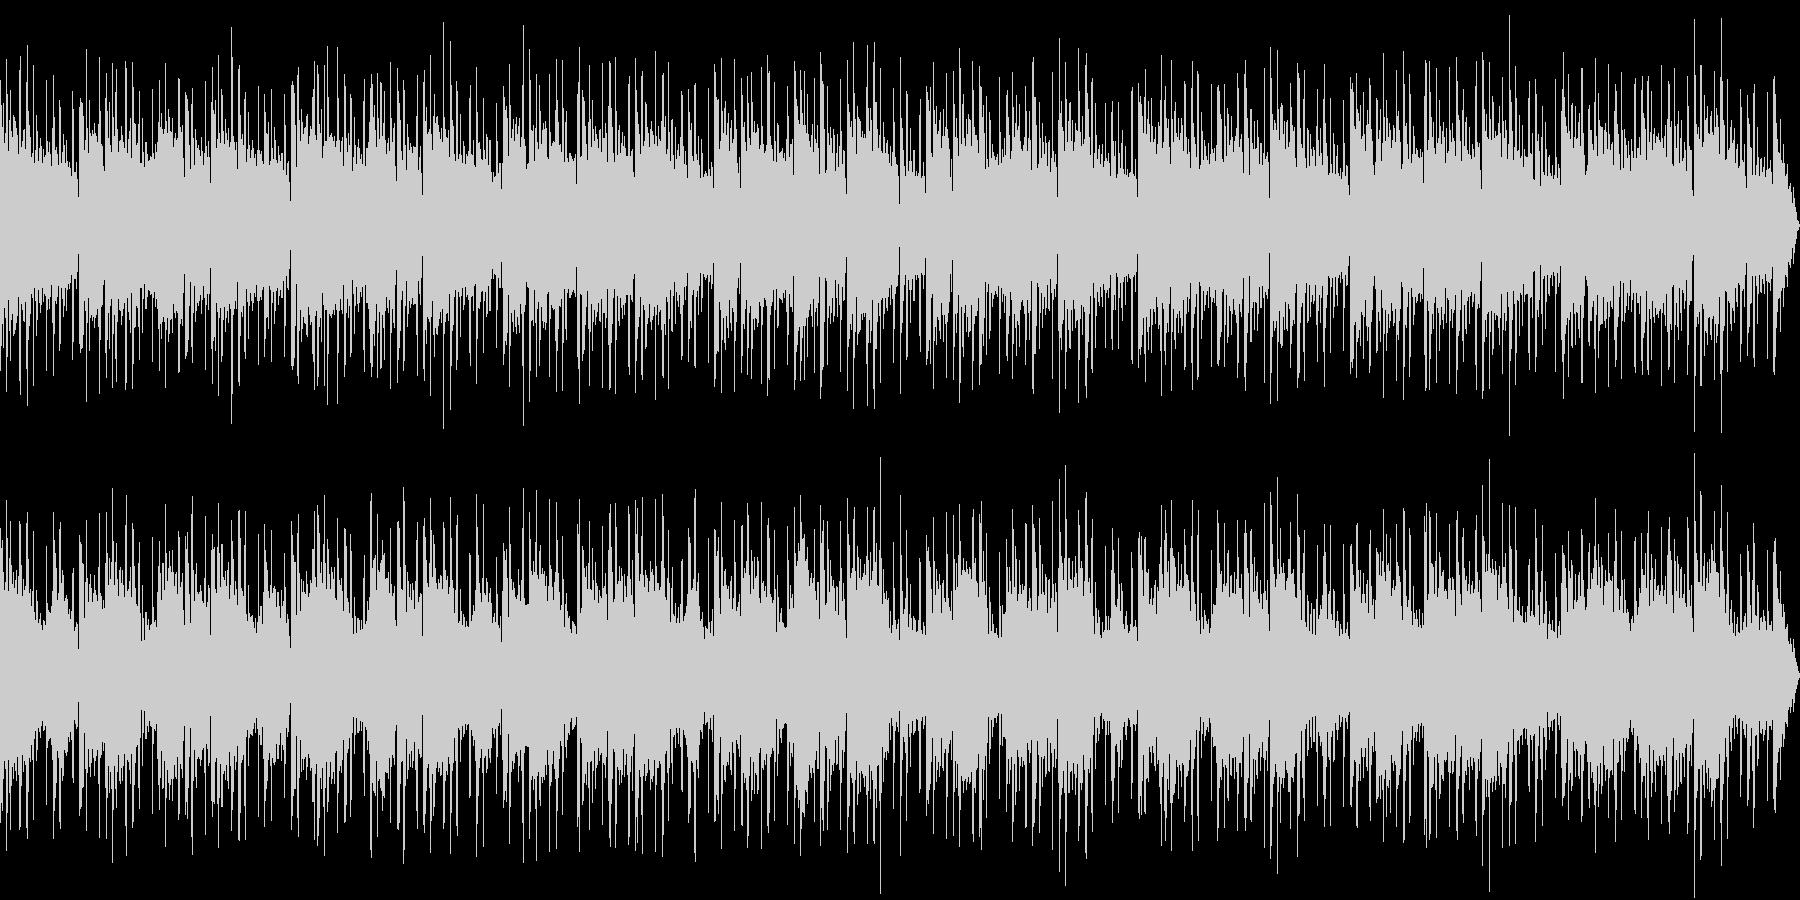 【主張しない背景音楽】穏やか1【ループ】の未再生の波形